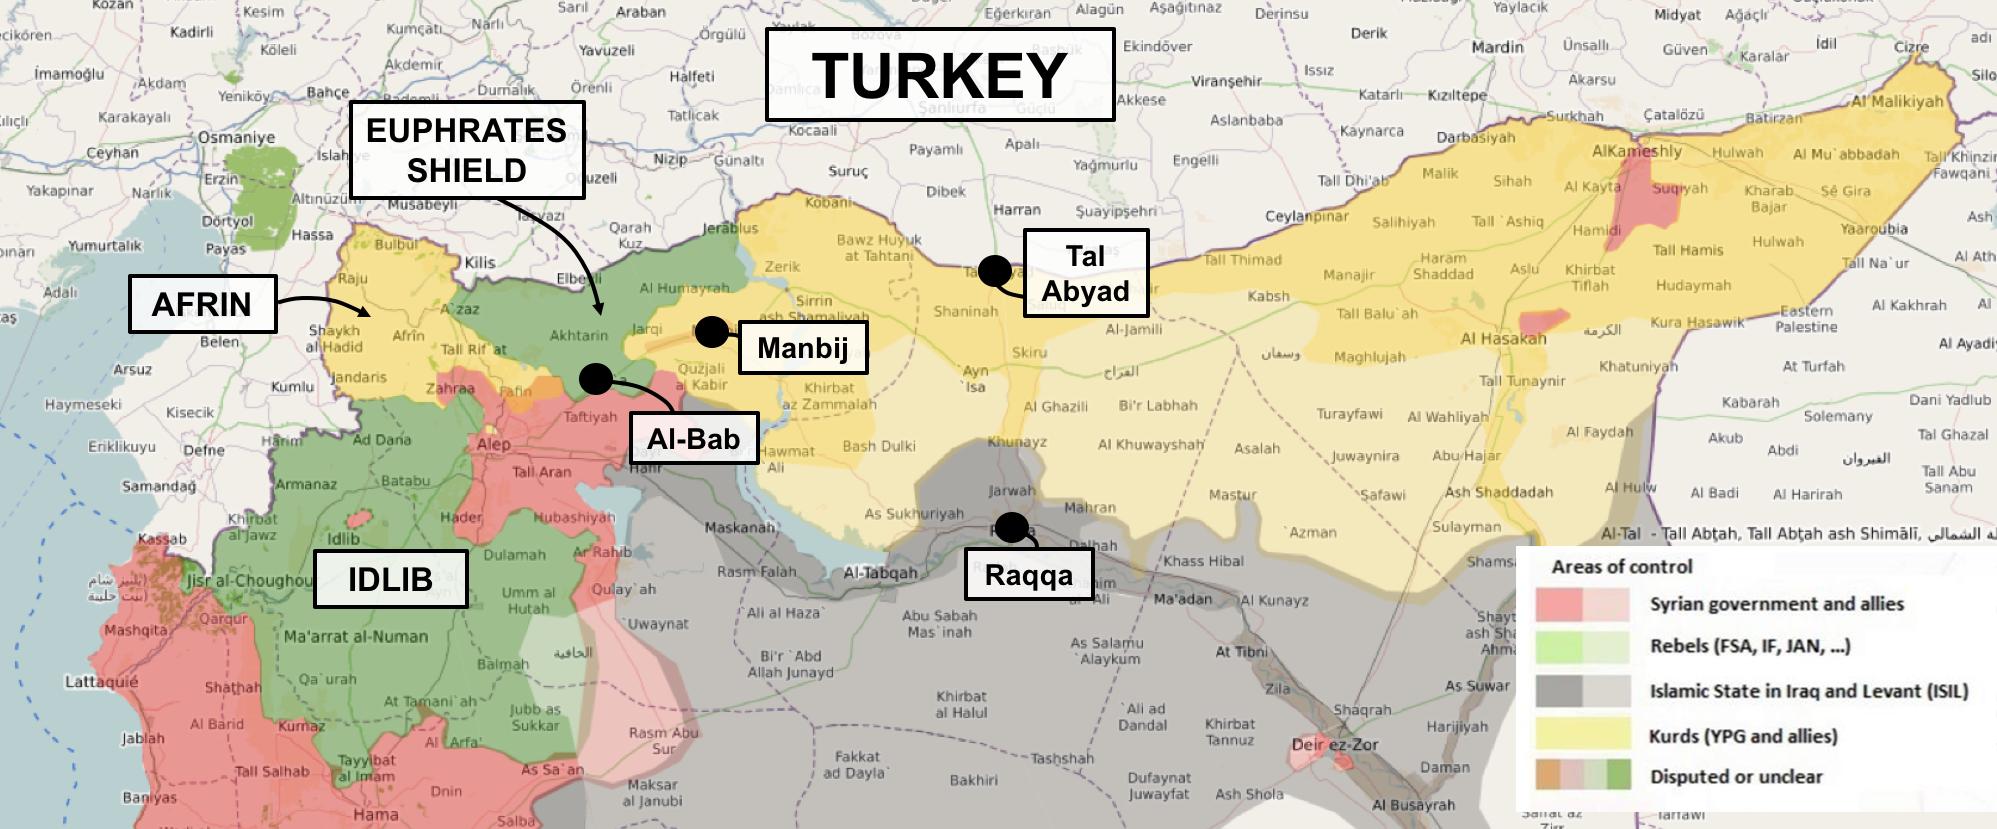 Turkeys Turkey First Syria Policy